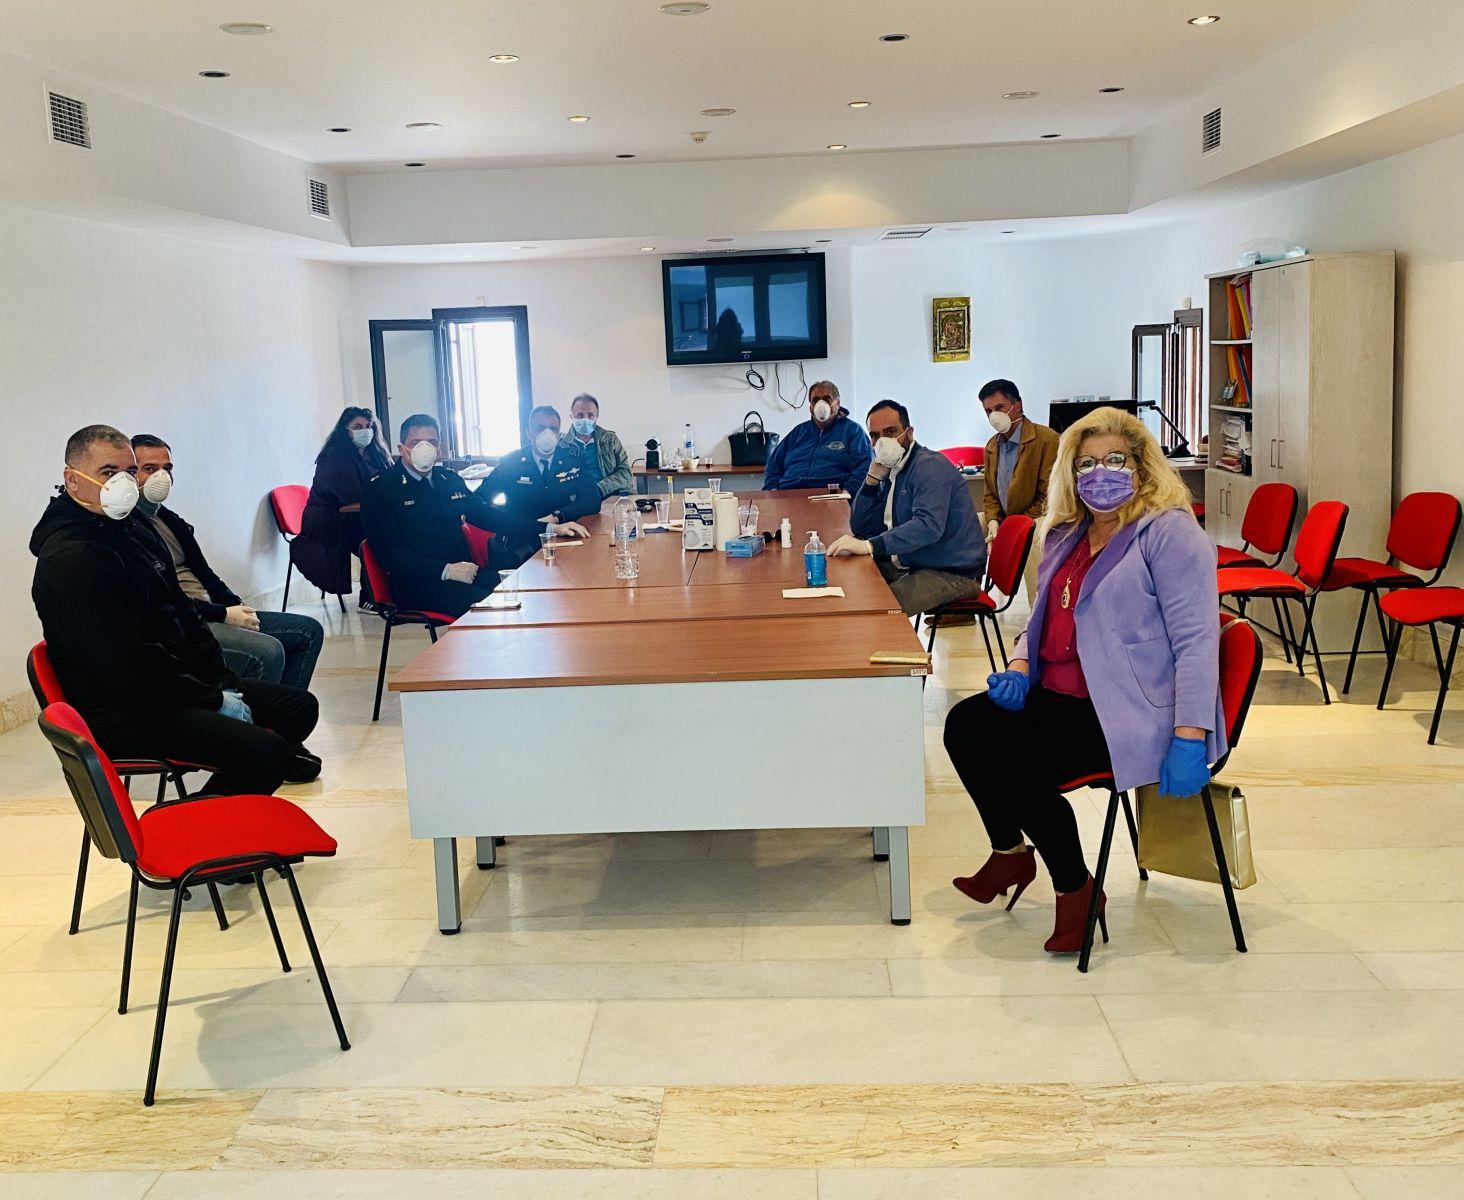 Νέα συνεδρίαση του Συντονιστικού Πολιτικής Προστασίας Μυκόνου: Εντατικοποίηση των μέτρων και απολυμάνσεων